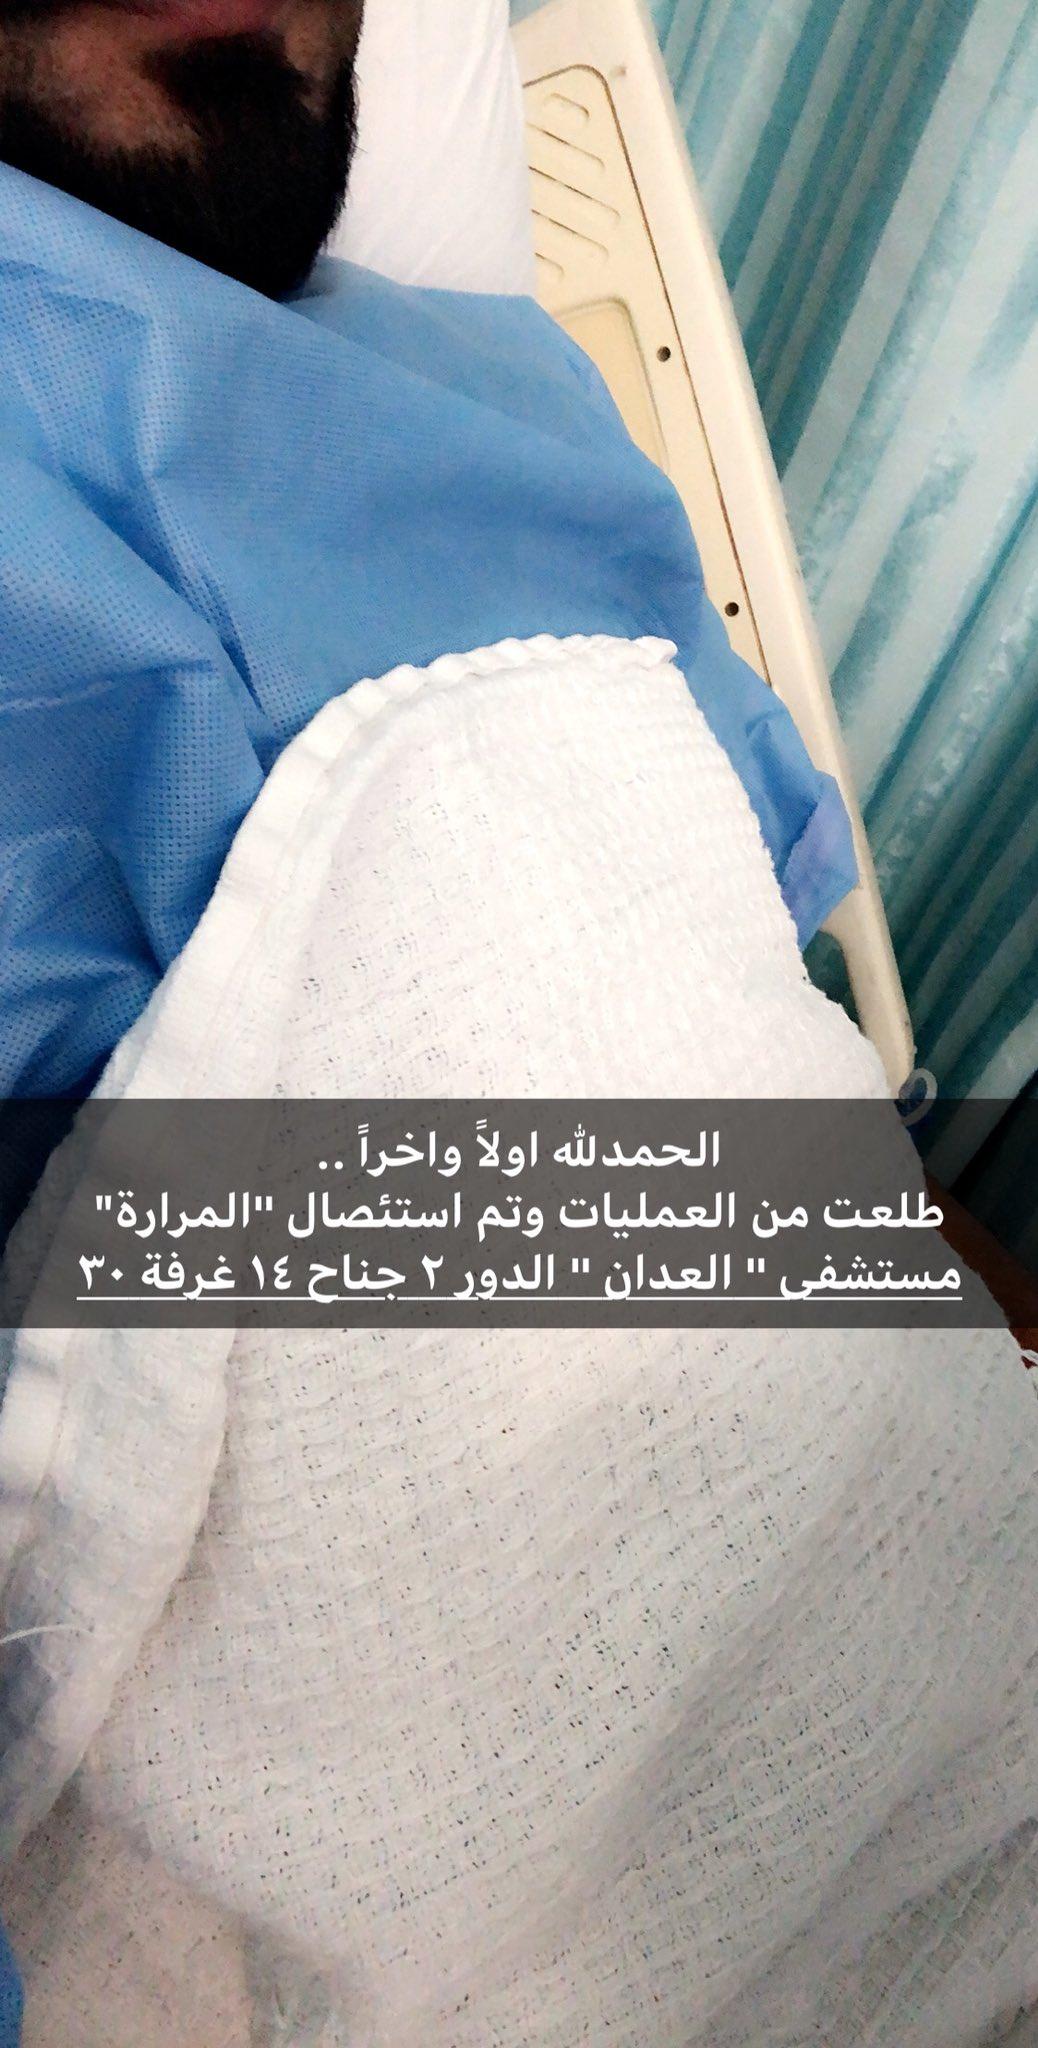 فهد المحيسن بوصقر On Twitter الحمدلله